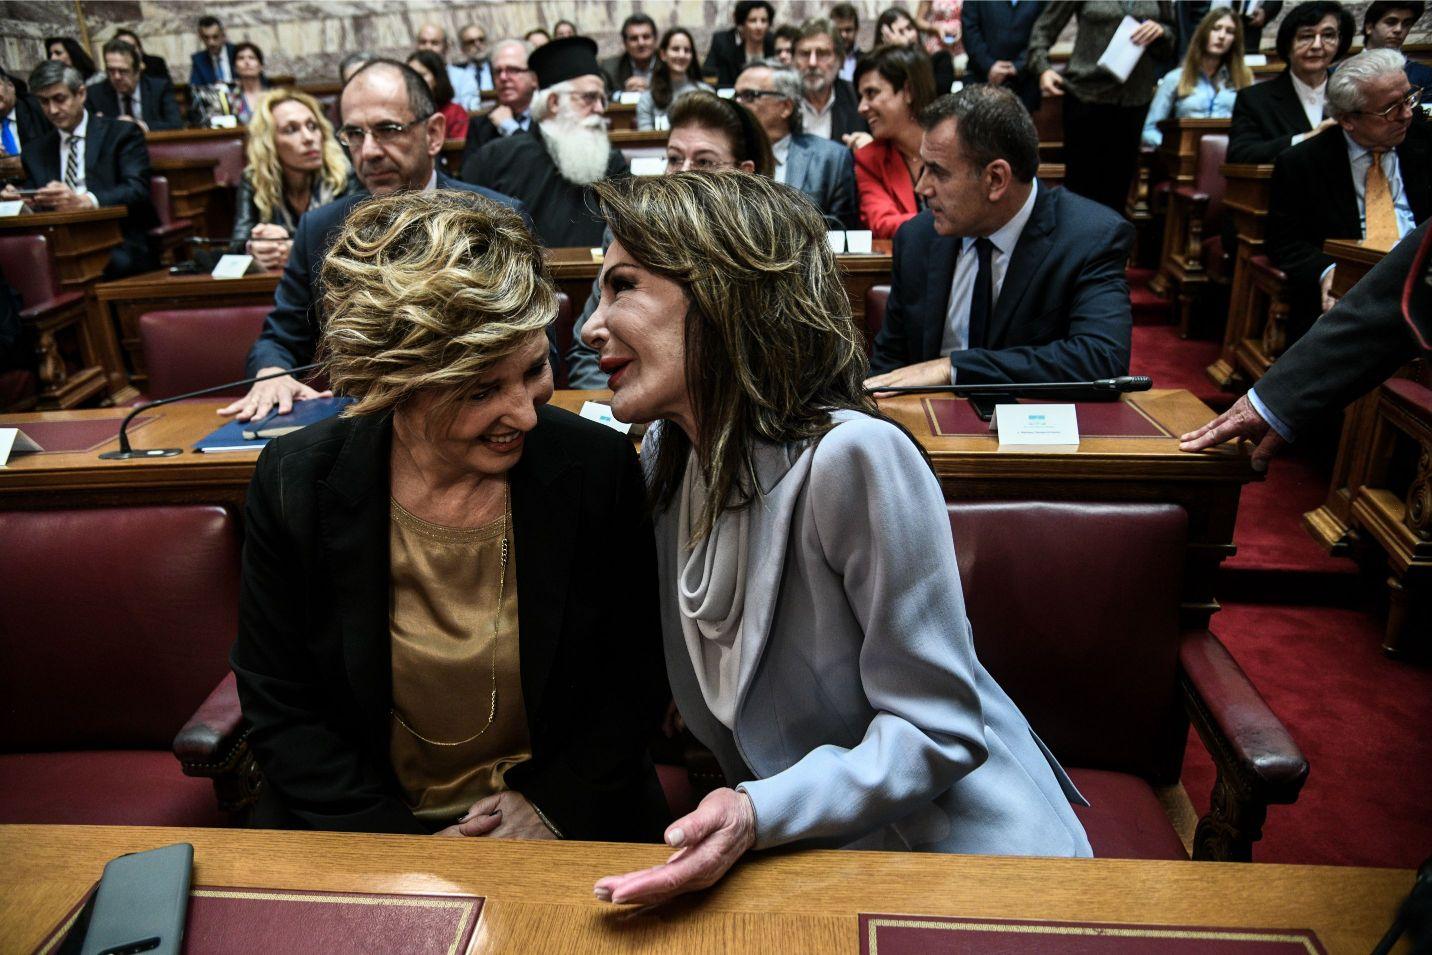 Η βουλευτής ΣΥΡΙΖΑ, Όλγα Γεροβασίλη με την Γιάννα Αγγελοπούλου